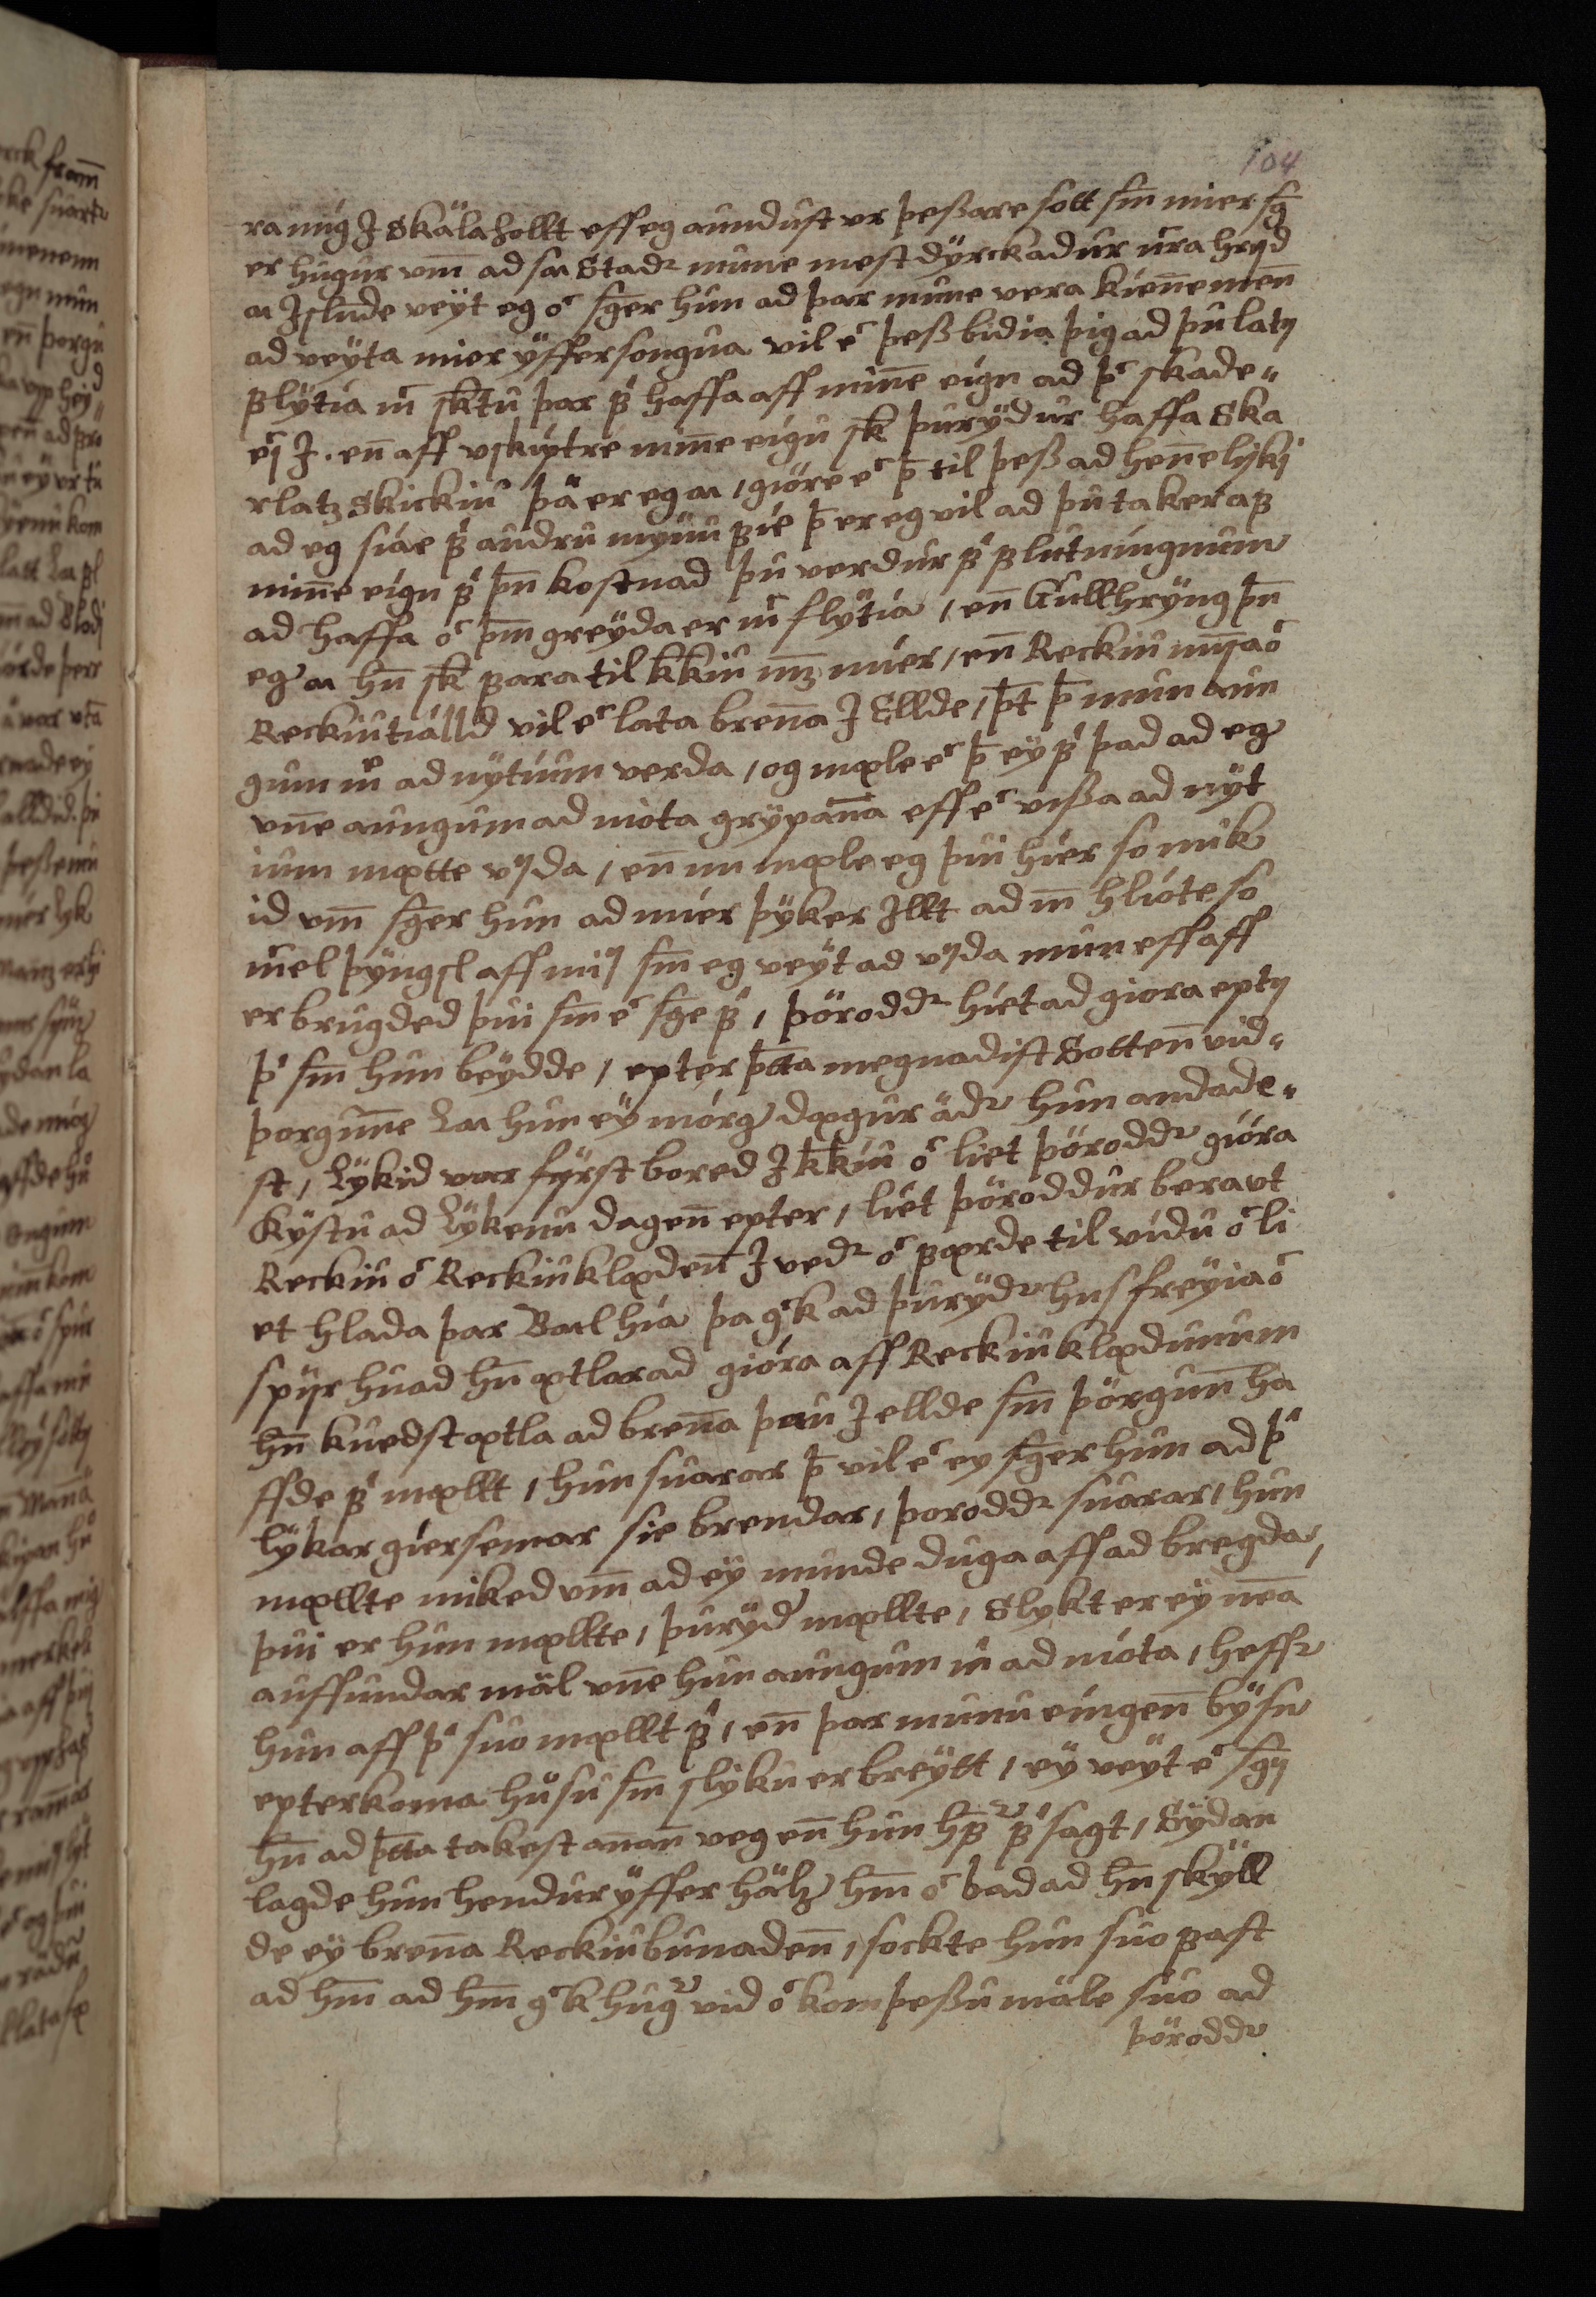 AM 126 fol - 104r